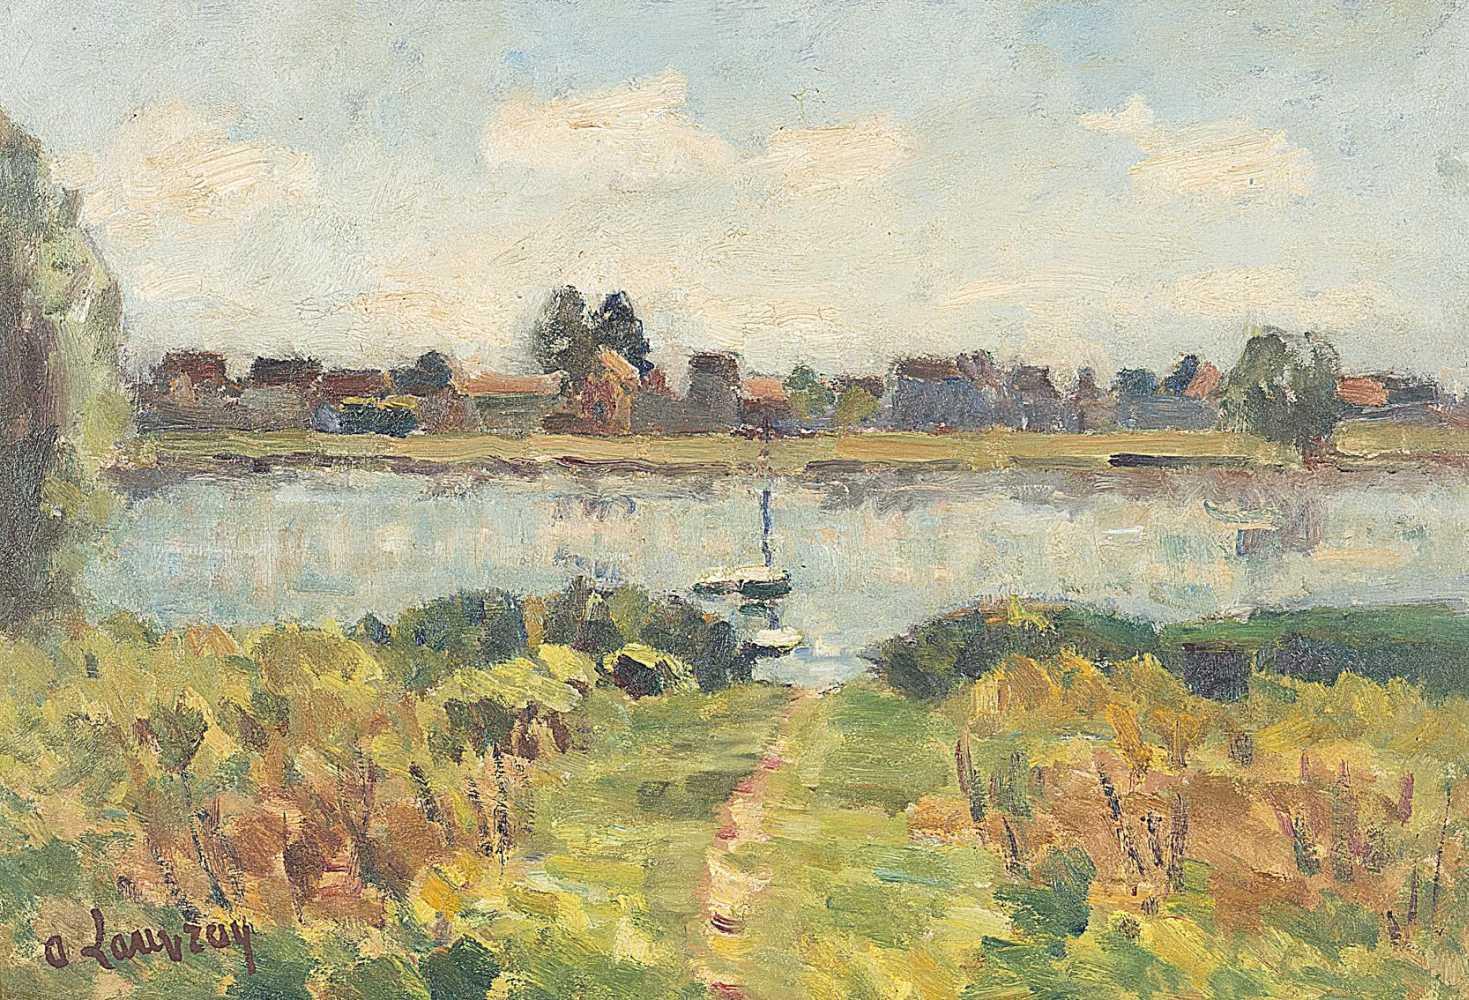 Huile sur bois de louis alphonse abel lauvray 1870 1950 for Peintre sur bois